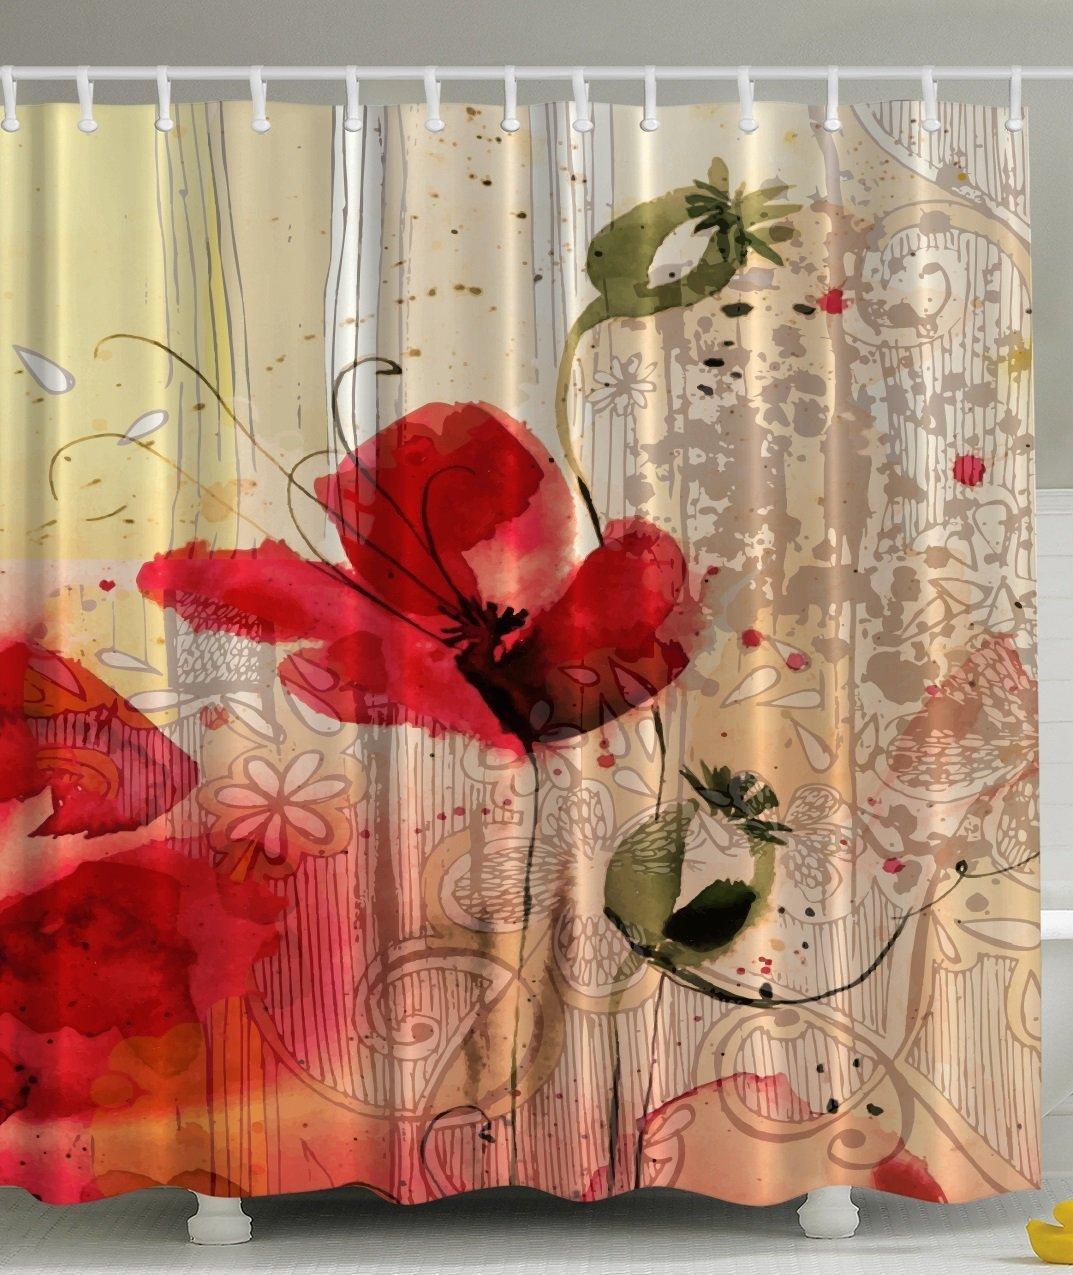 € 14.73 11% de réduction Mémoire maison rouge pavot fleur Beige Floral  tissu rideau de douche numérique Art salle de bain imperméable Polyester  tissu ...